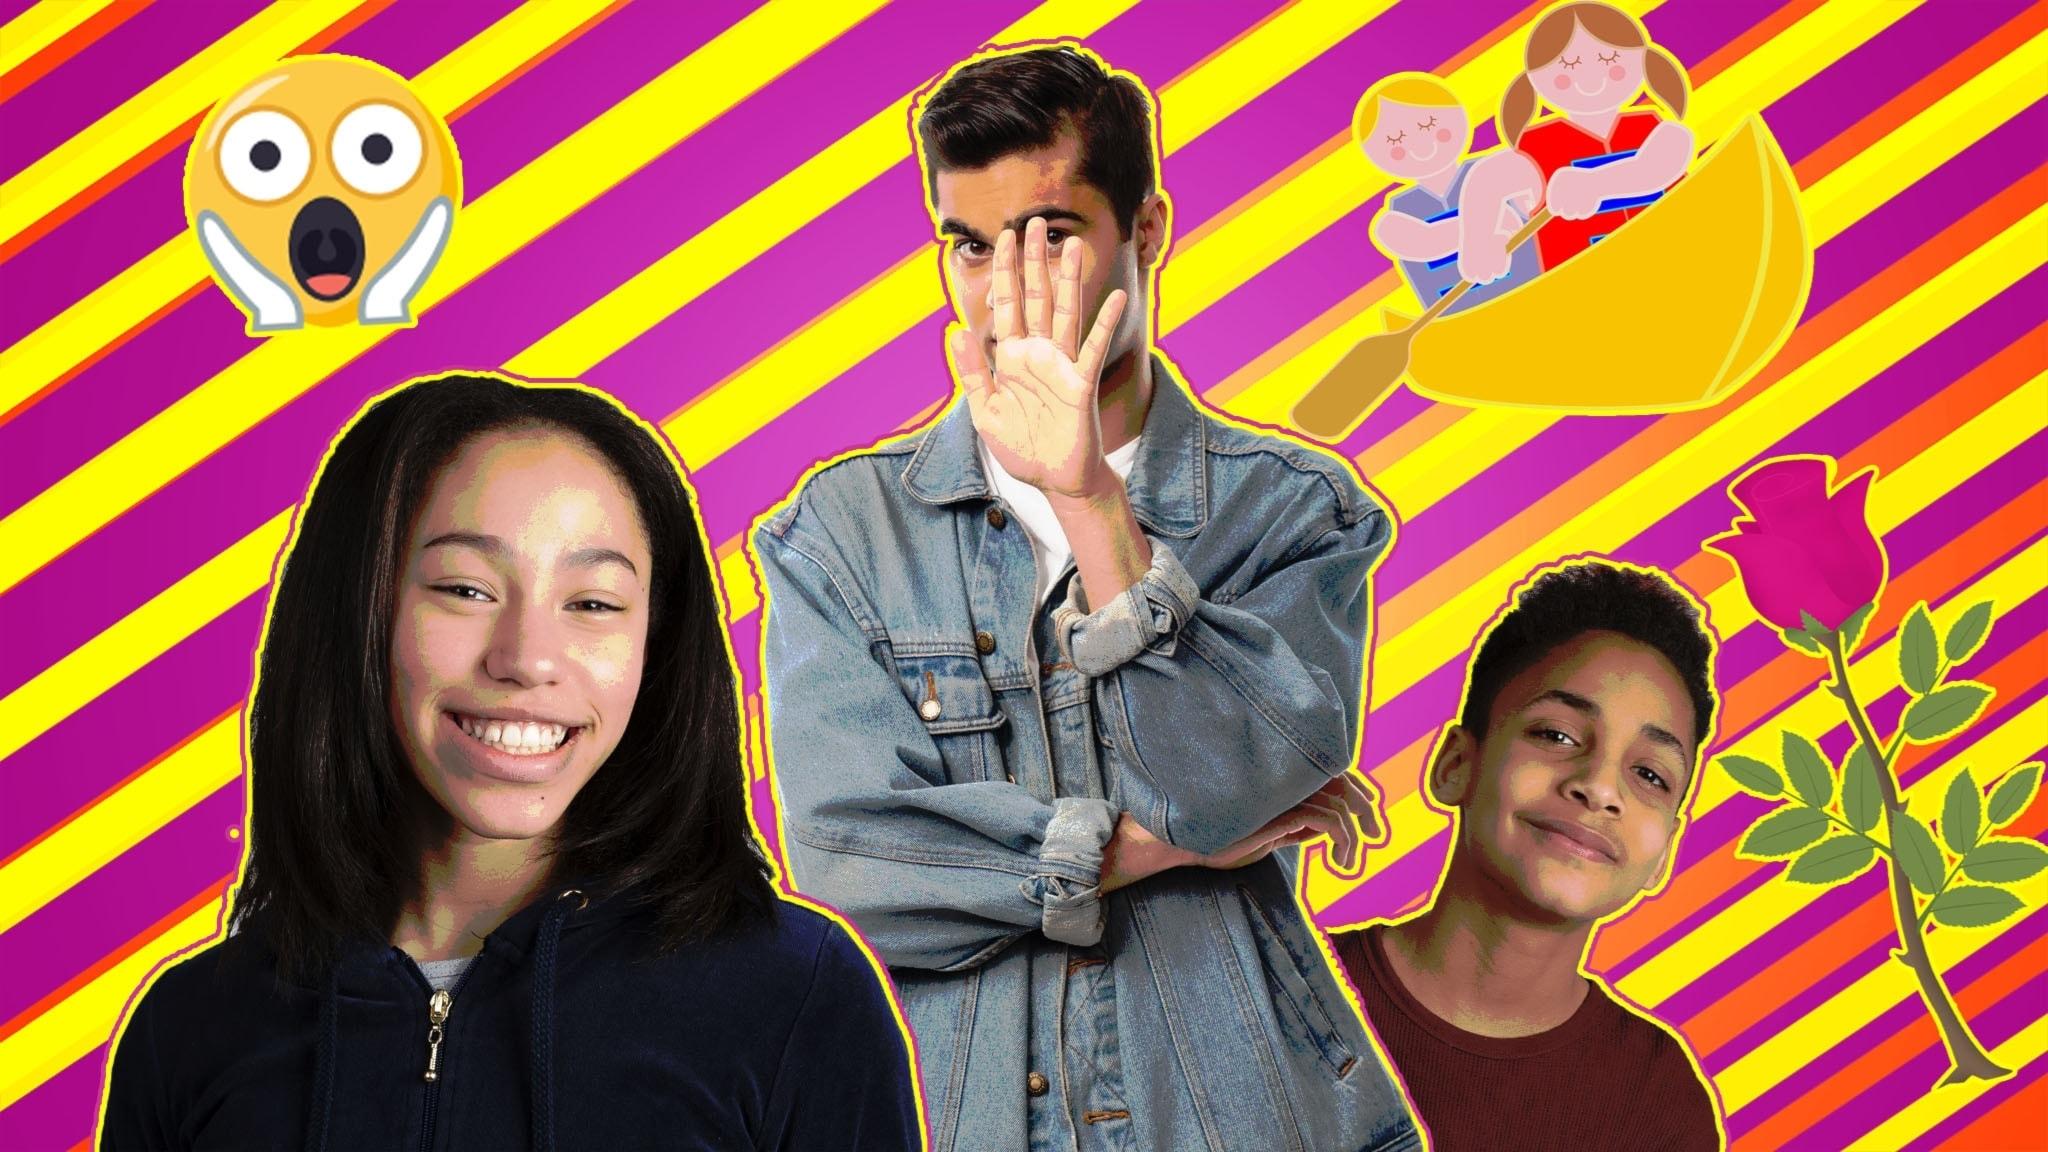 Programbild Cringe säsong 2 avsnitt 6: Kevin Waldermarsson, William Spetz och Savannah Cowan, skrik-emoji, ros och kanot.